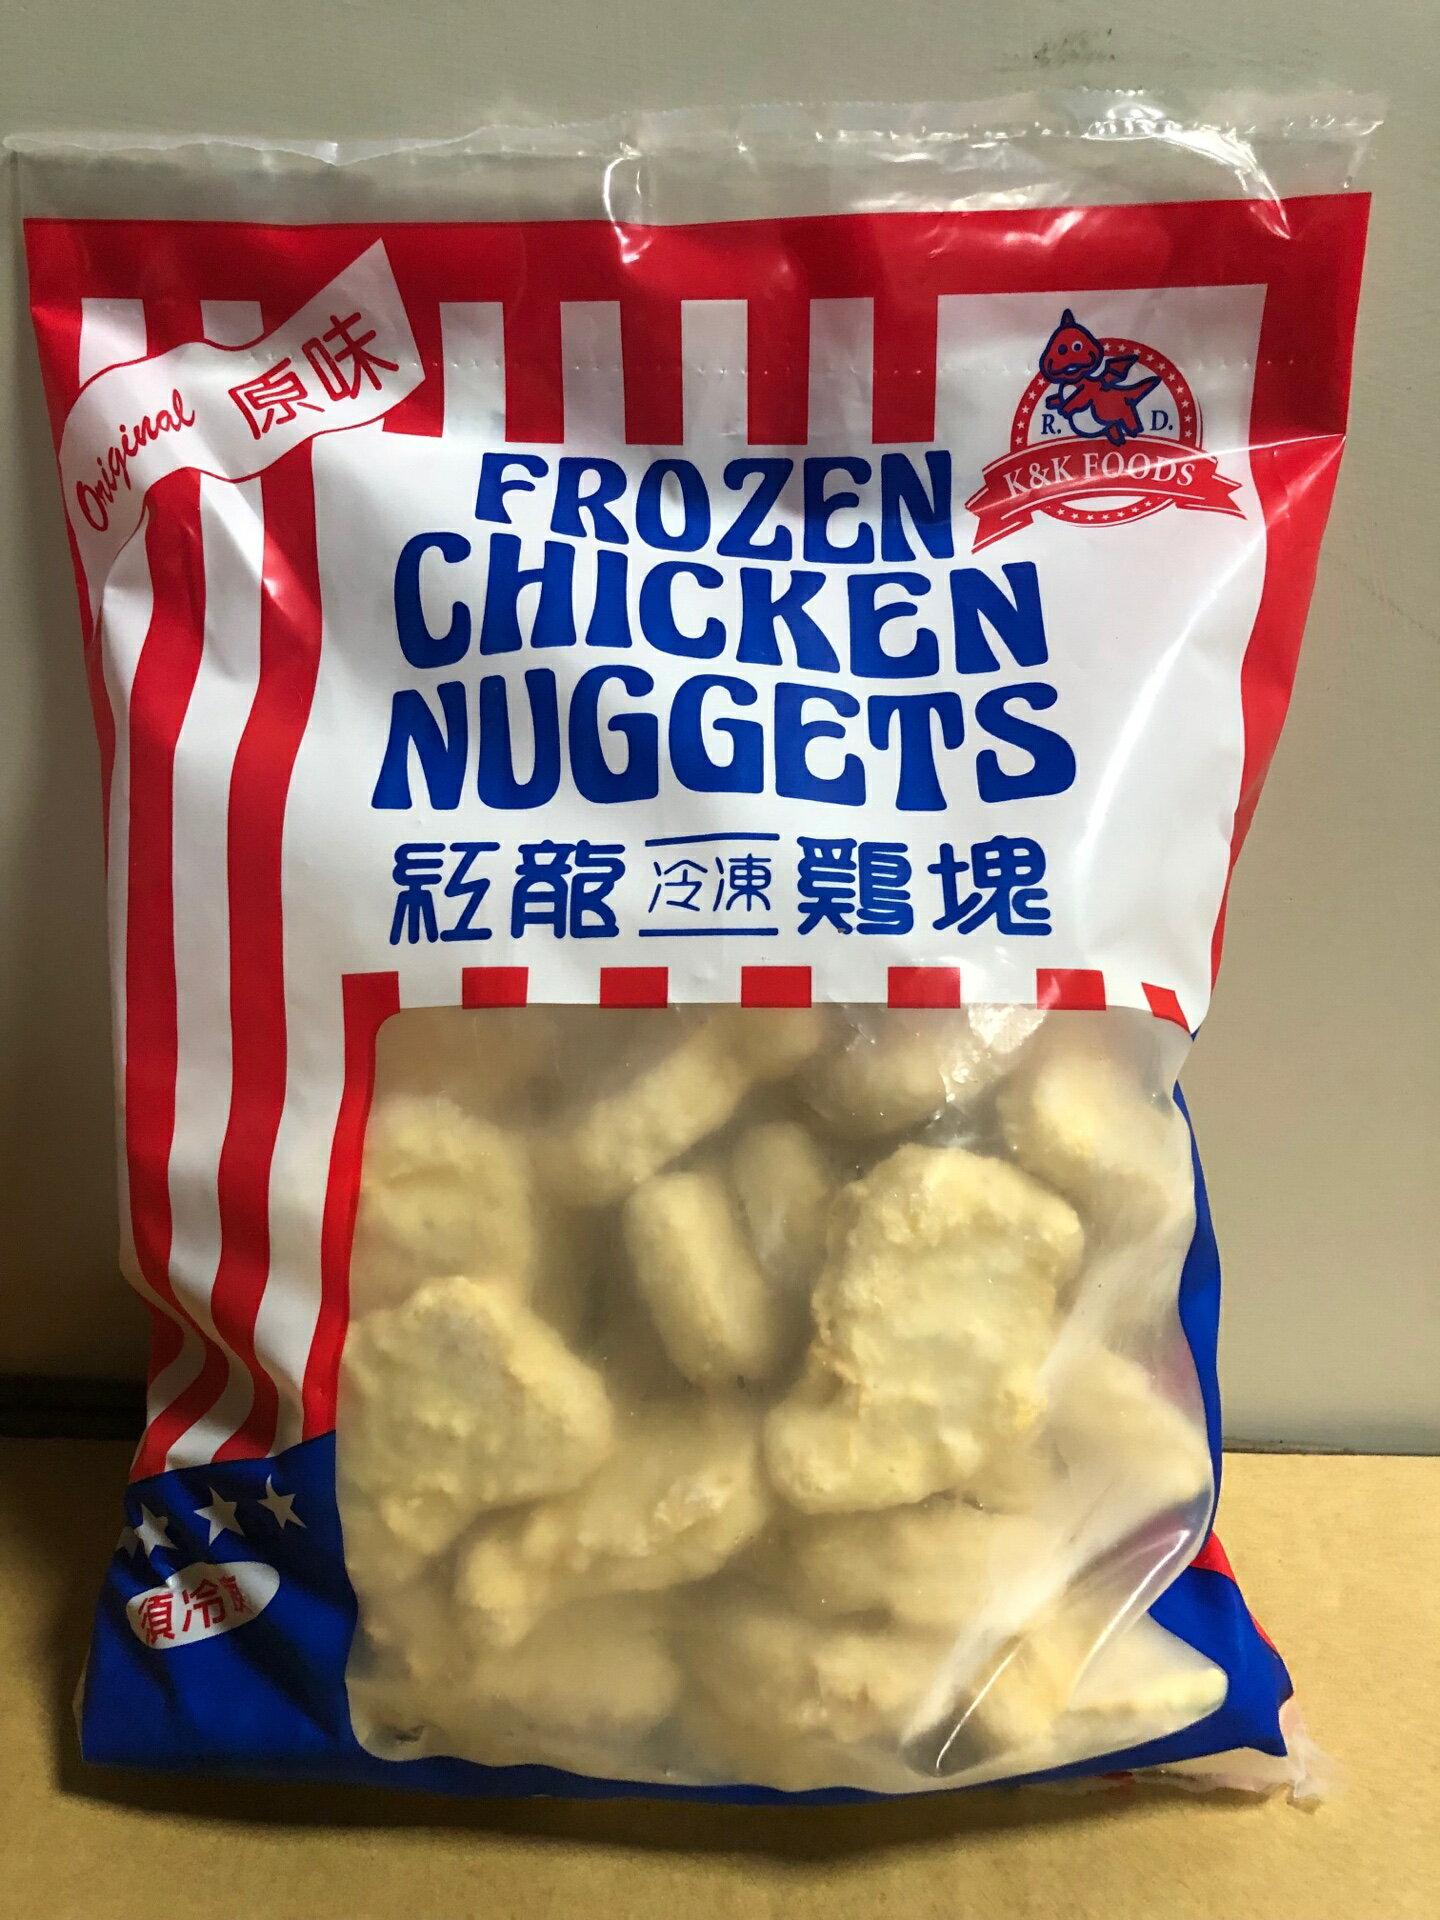 紅龍雞塊 1kg裝 熱銷商品 賣場最熱門商品